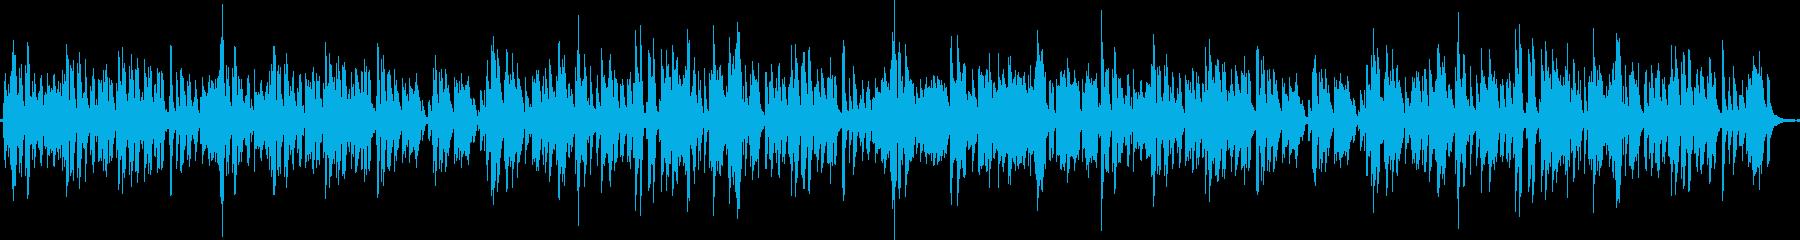 古いジャズ、ブルース調・レコード再生風の再生済みの波形